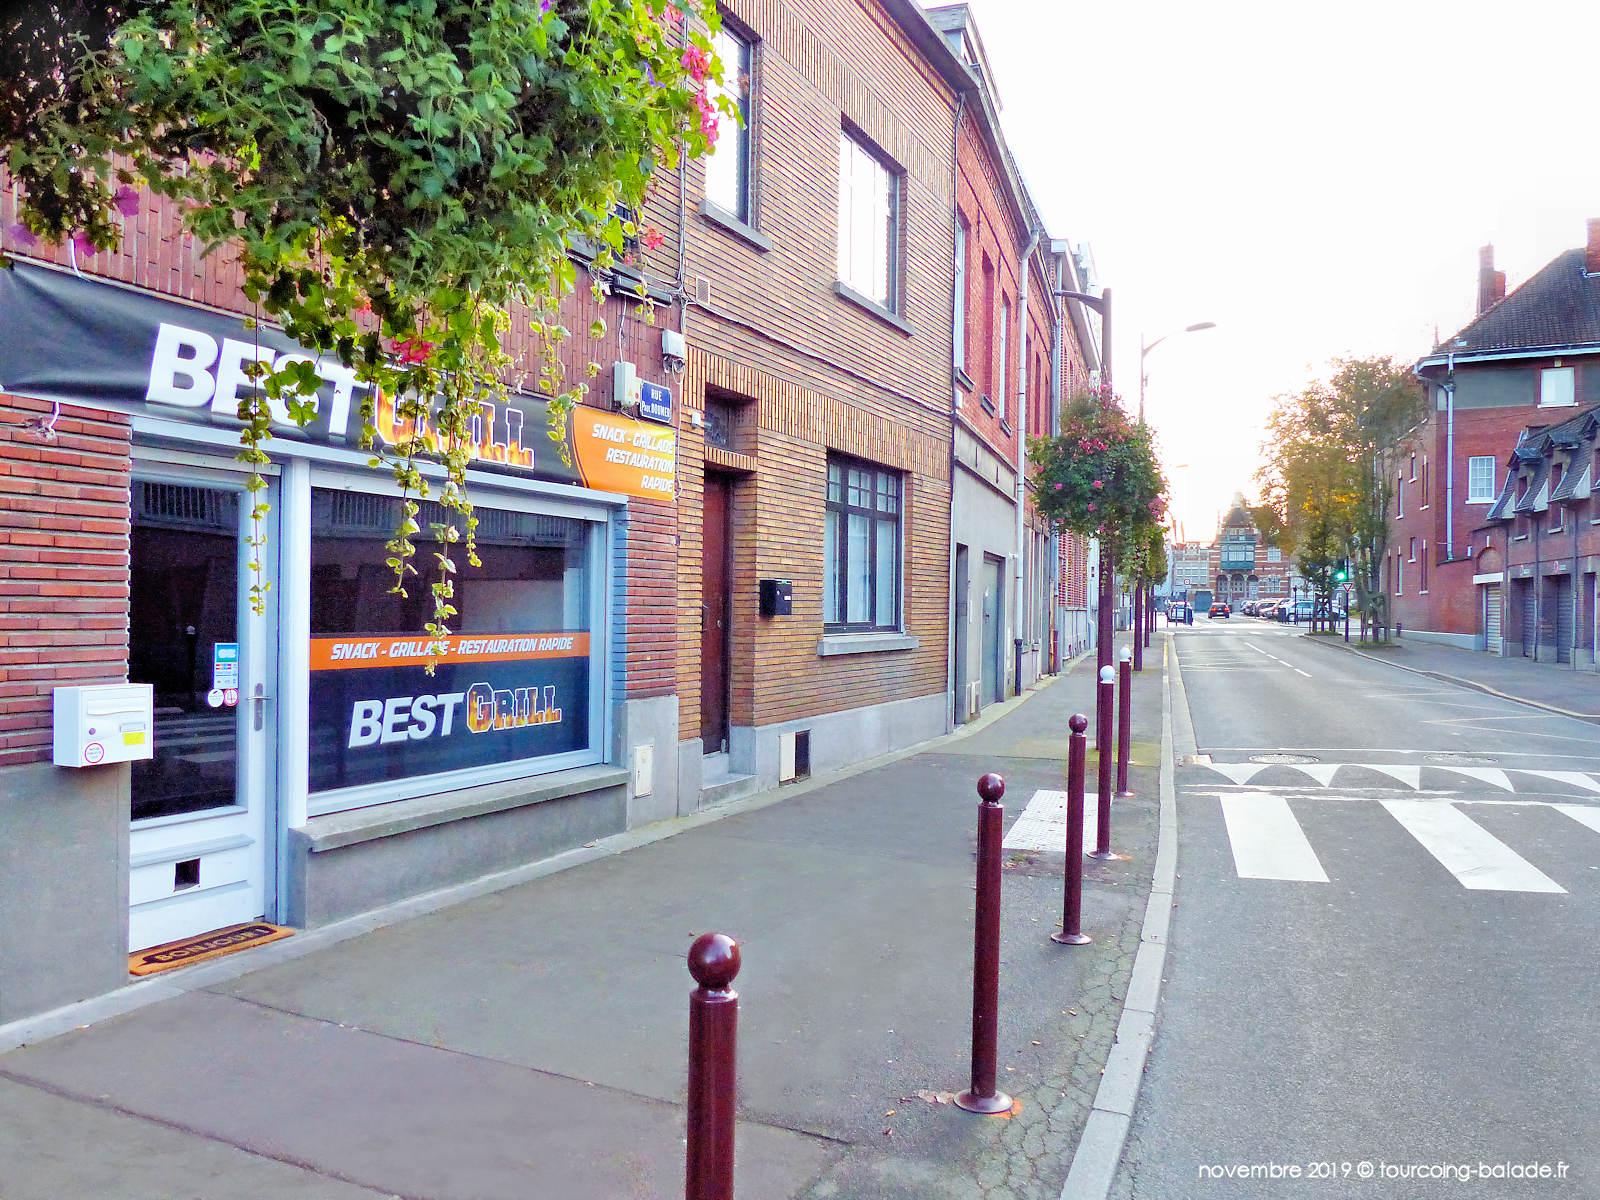 Rue Paul Doumer, Tourcoing - Best Grill